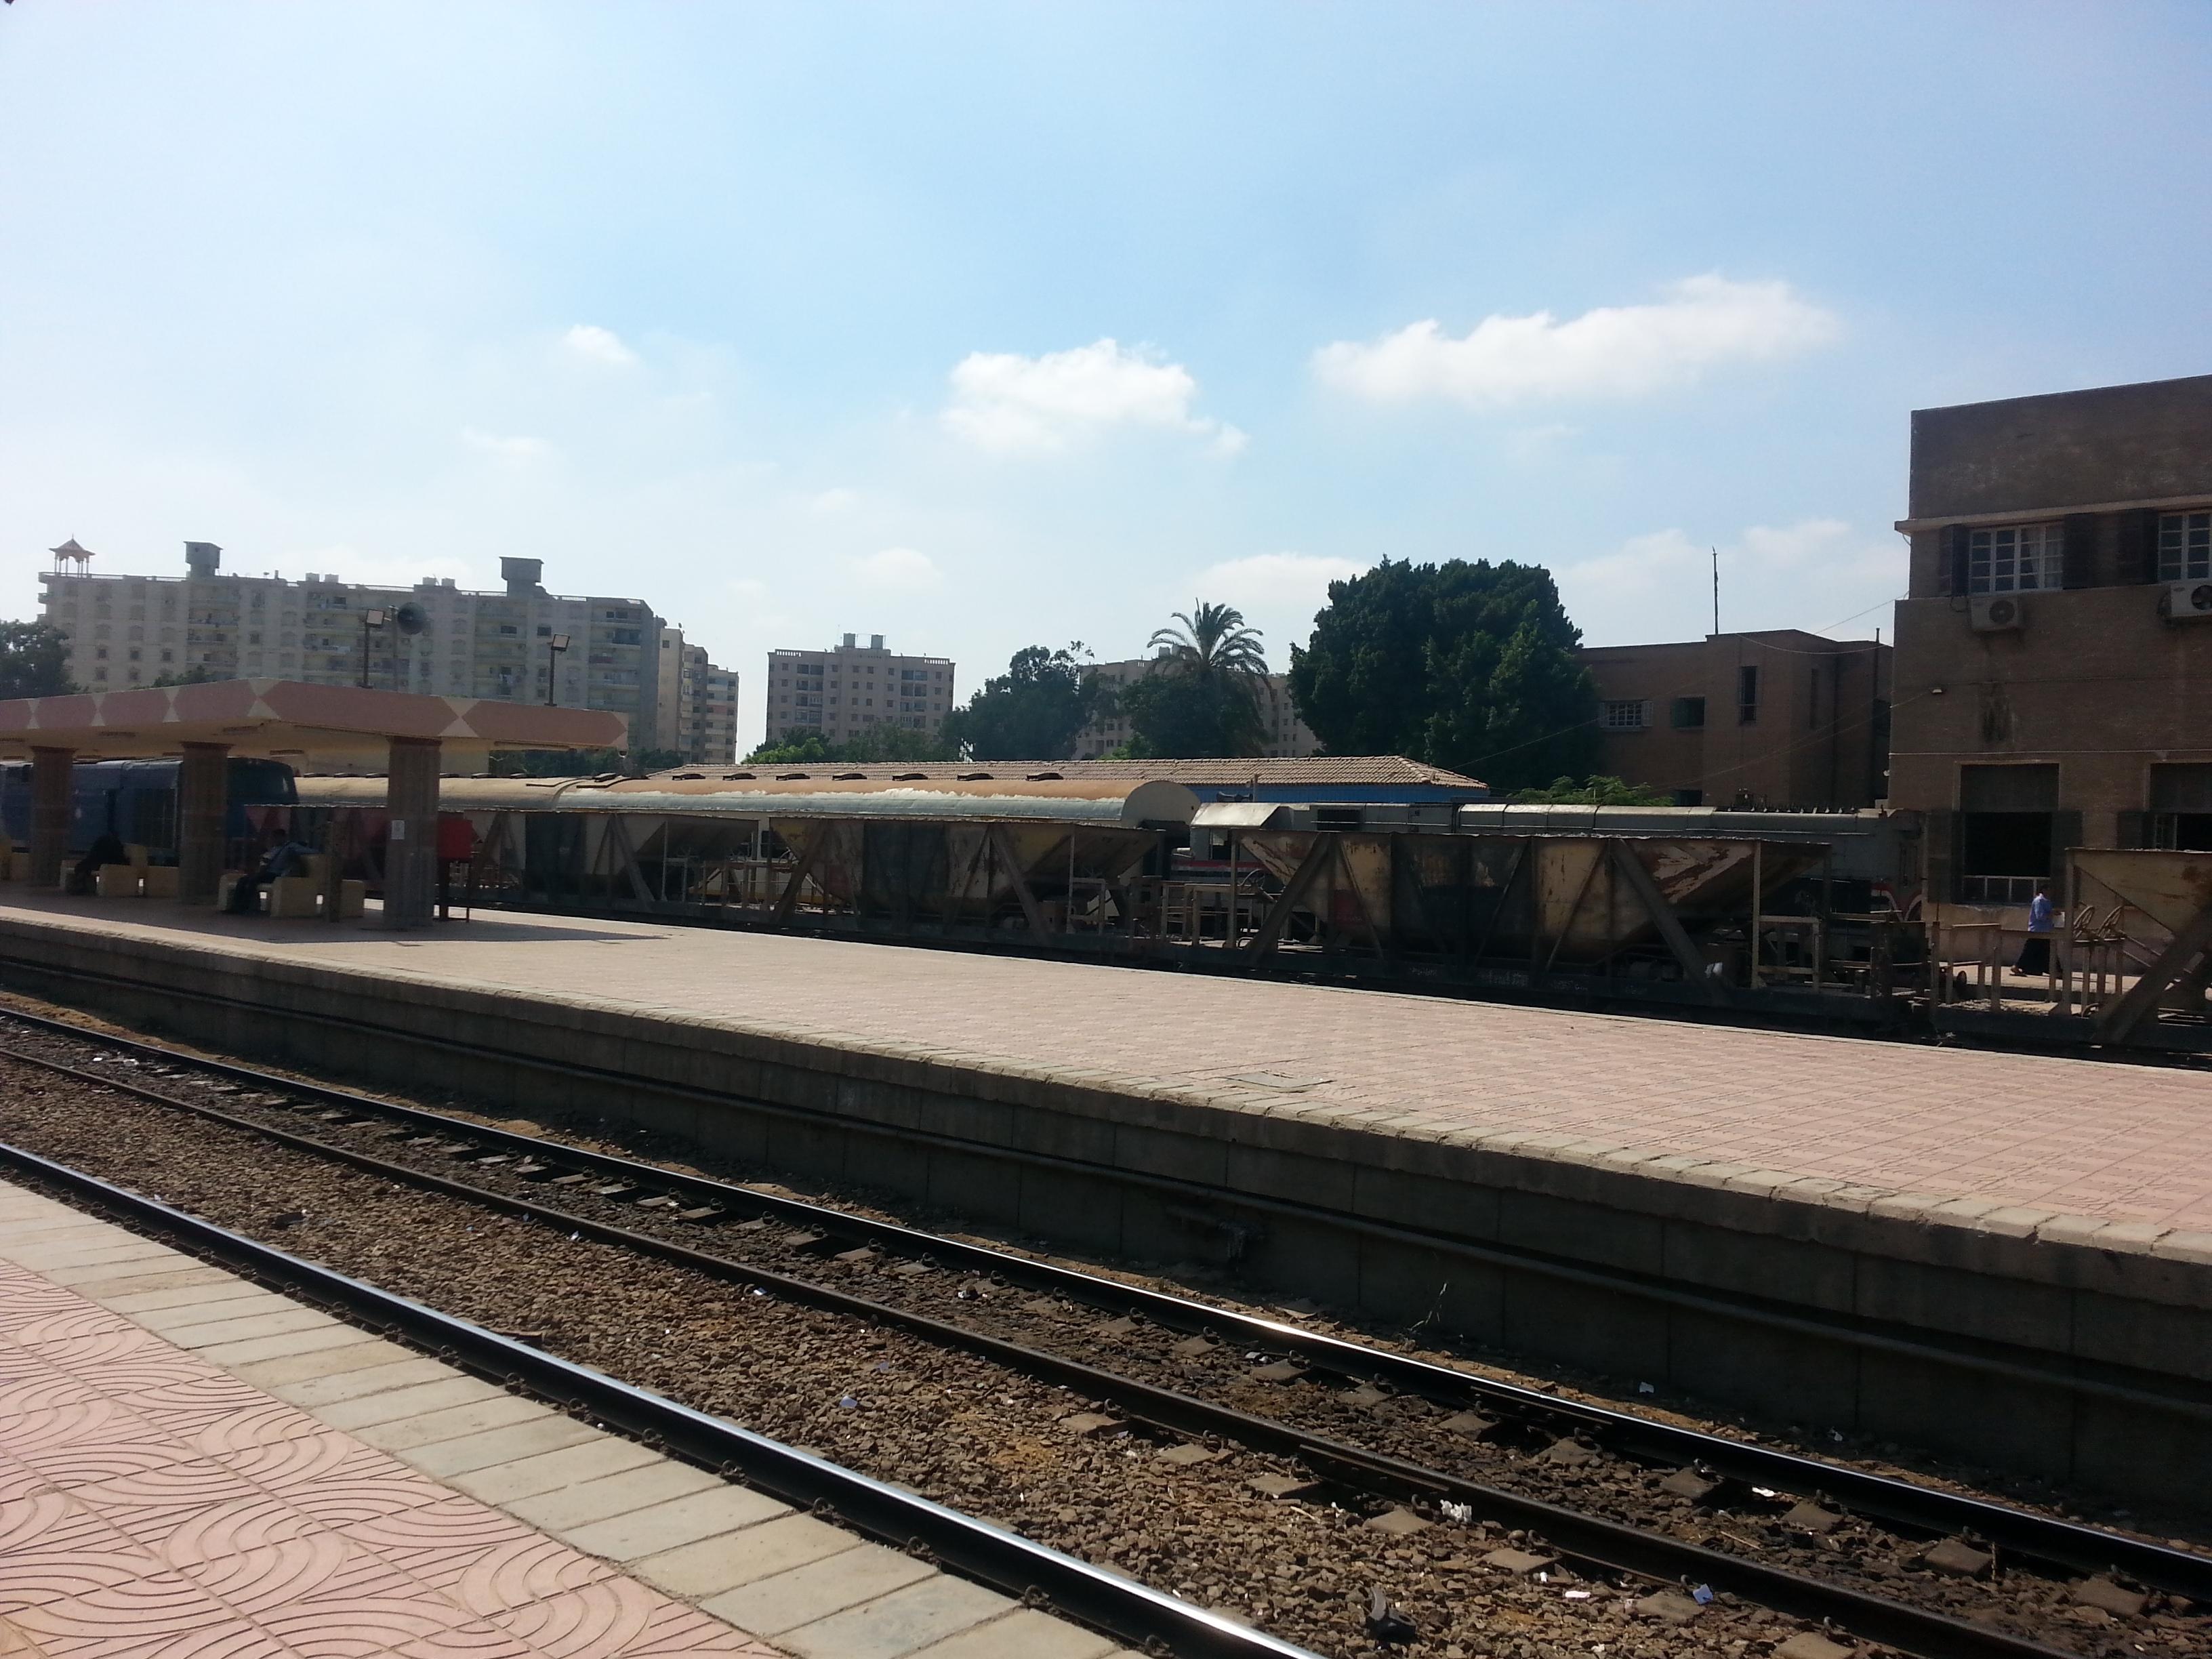 صورة مواعيد قطارات القاهرة أبو حماد 2018